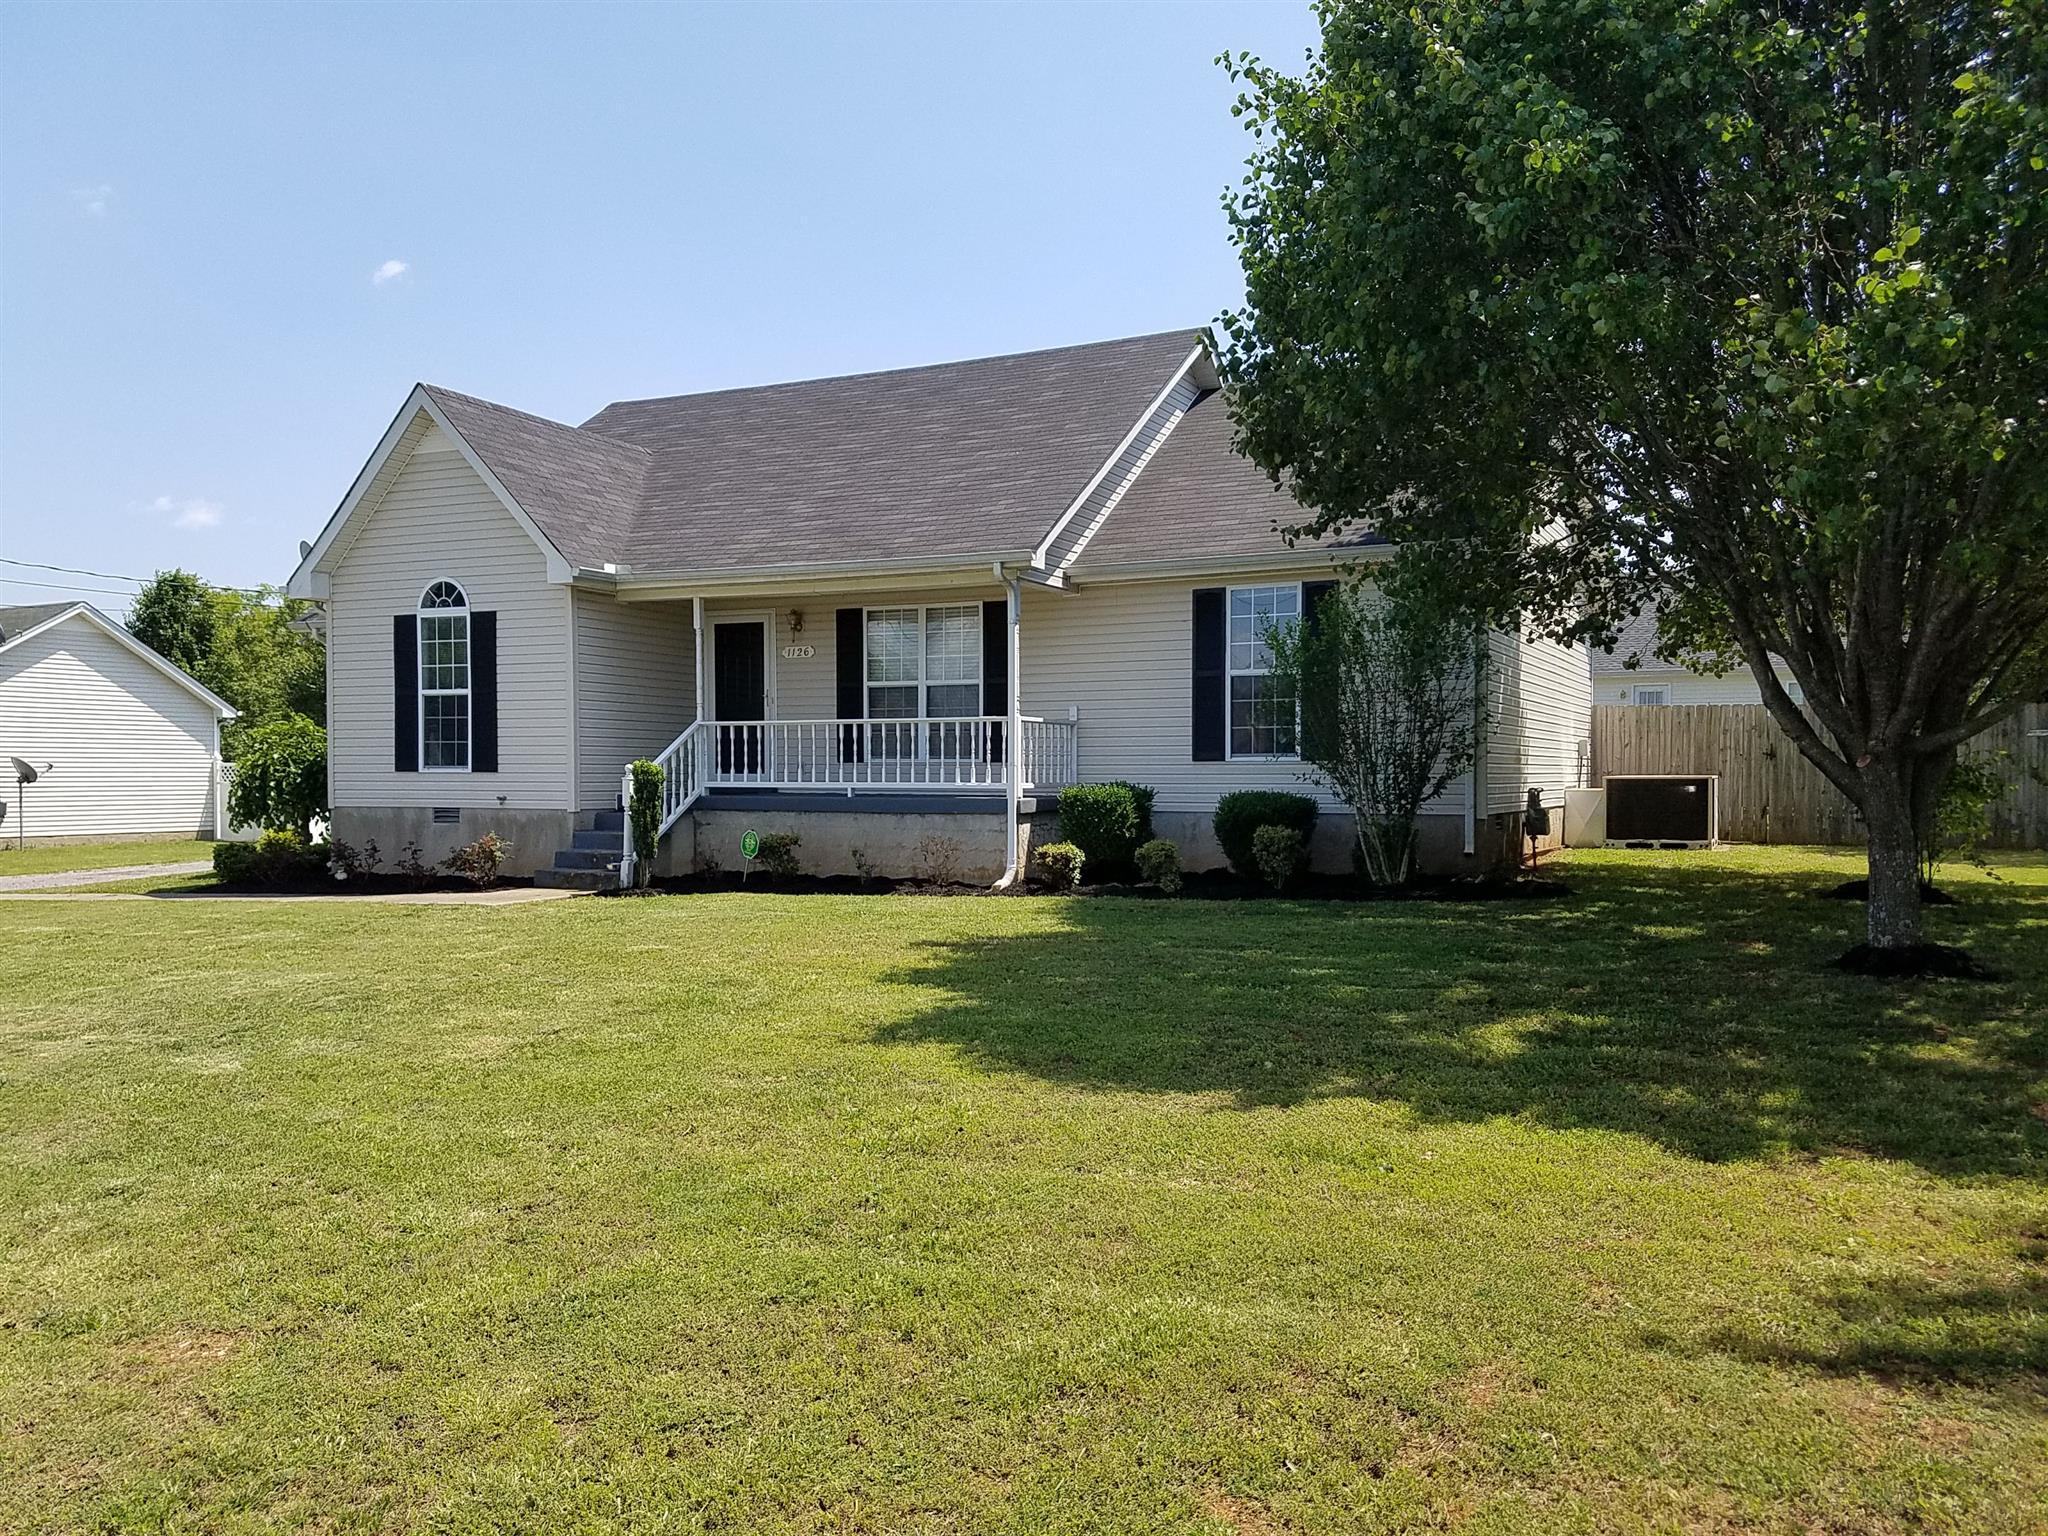 1126 Newberry Dr, Murfreesboro, TN 37130